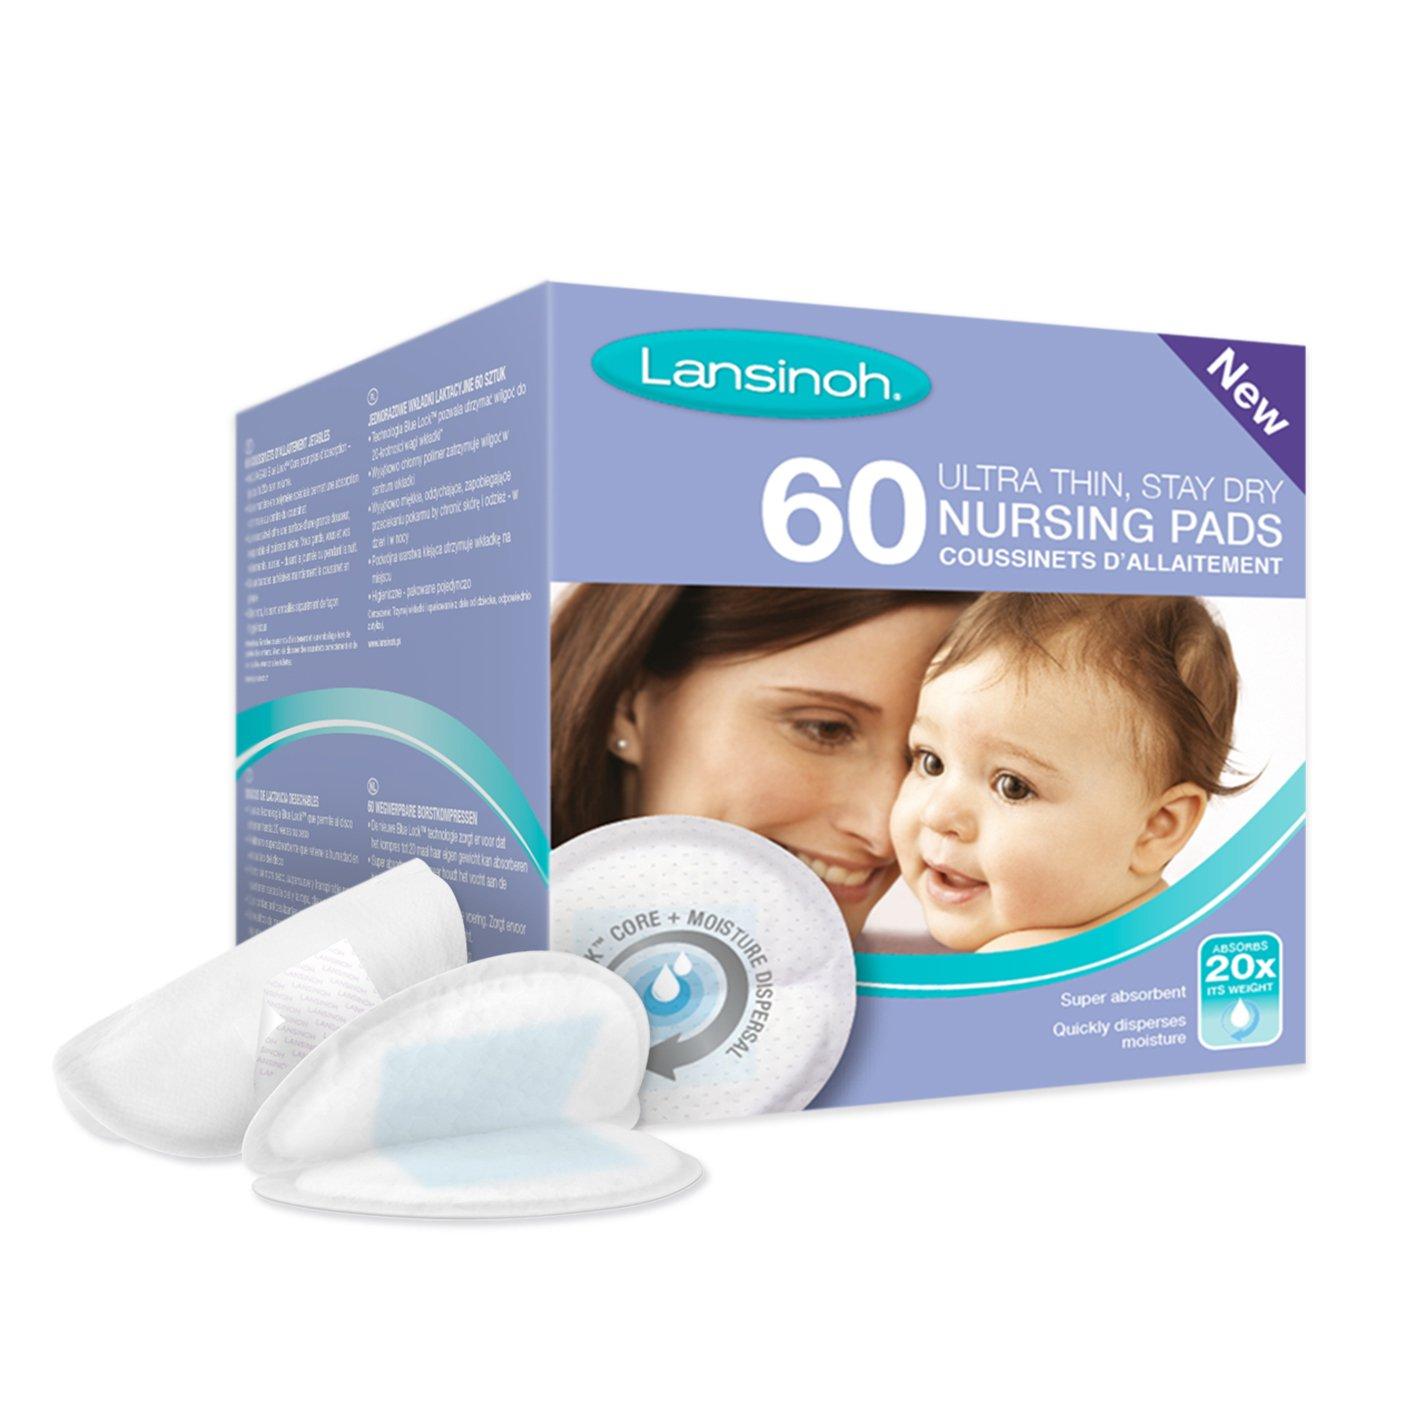 Lansinoh - Discos Absorbentes Desechables de Lactancia, 60 uds product image